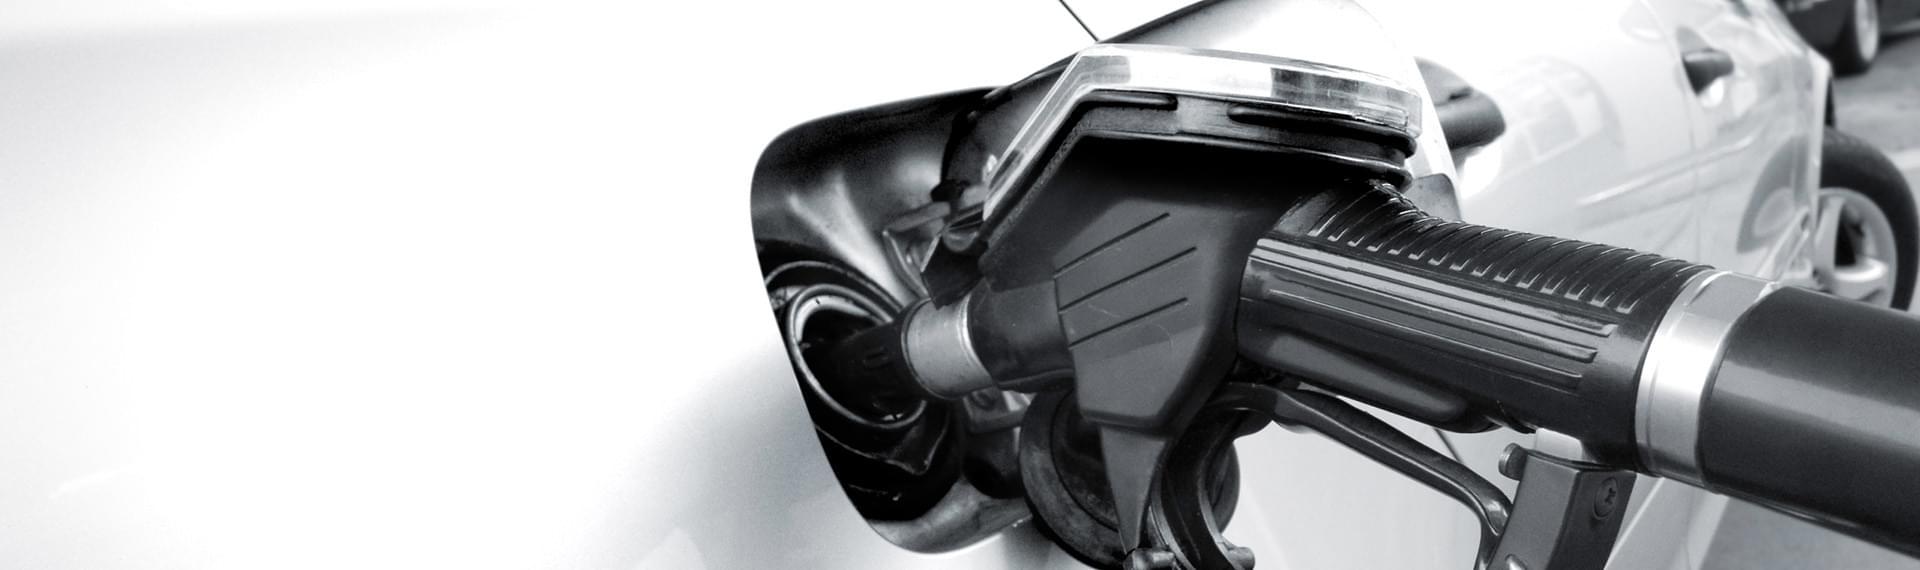 Fuel Filler Neck - Spectra Premium